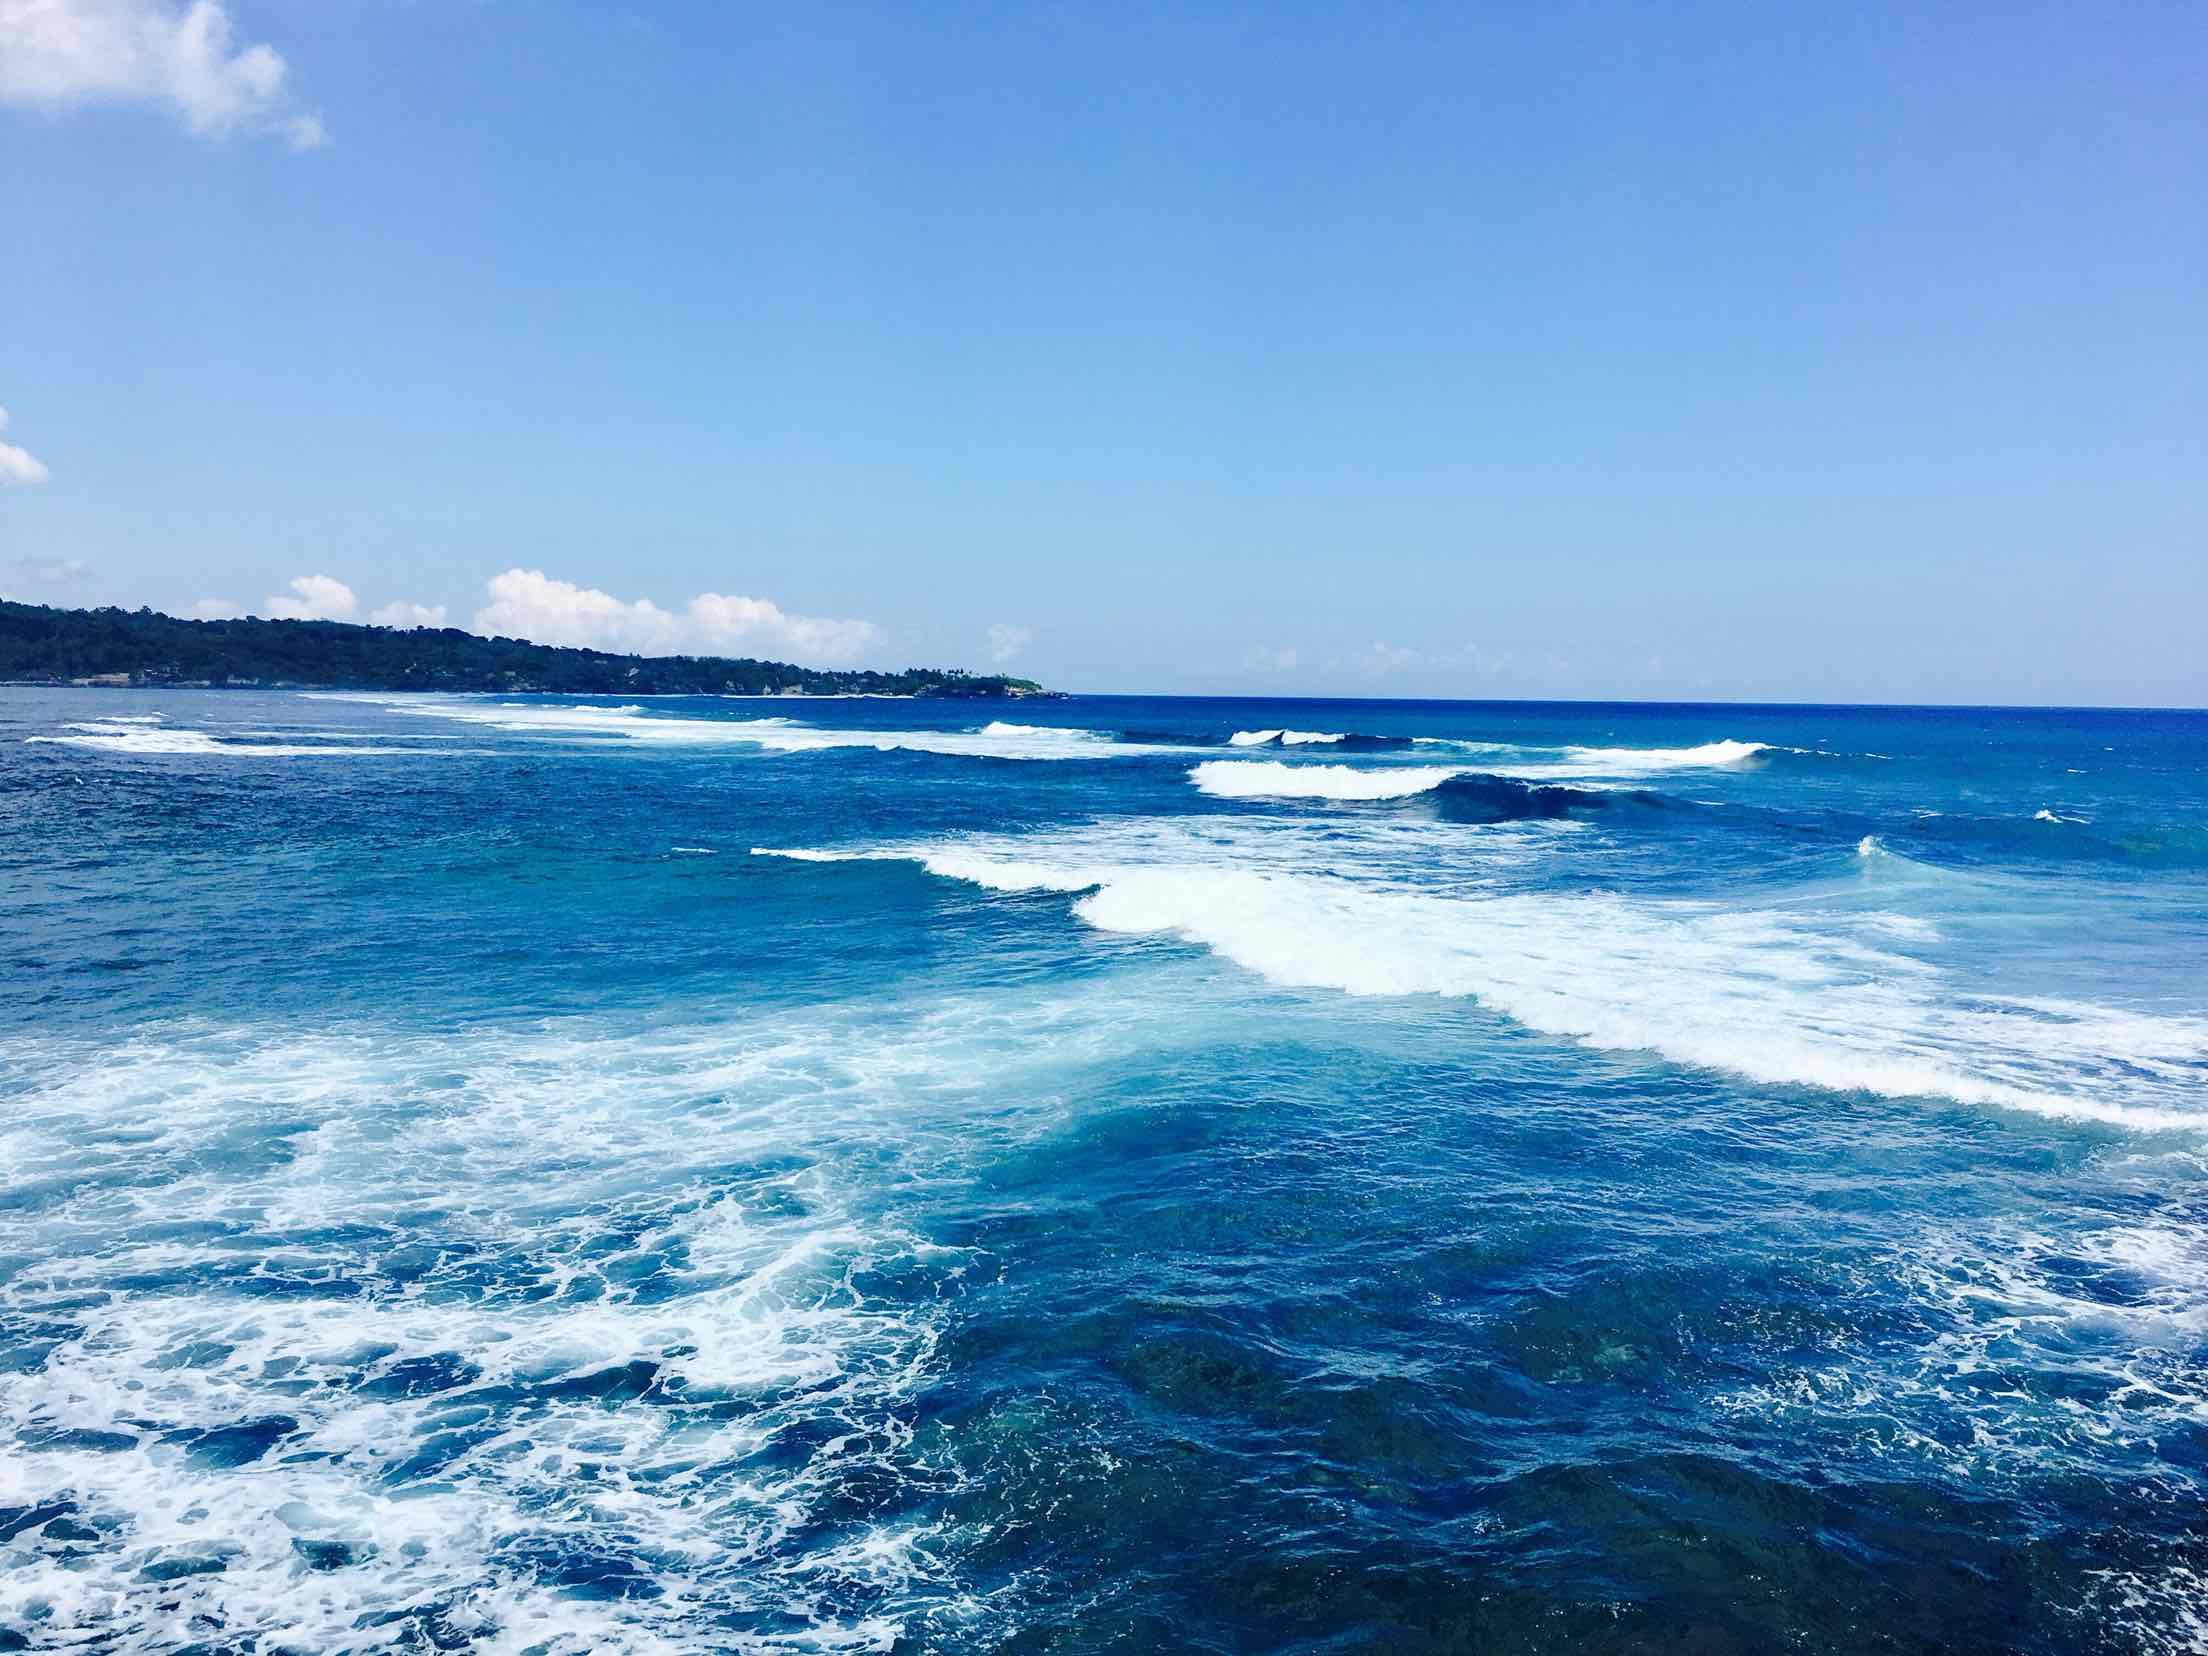 【七夕】巴厘岛蓝梦岛私人海滩俱乐部一日游( 海底漫步 无边泳池 无限